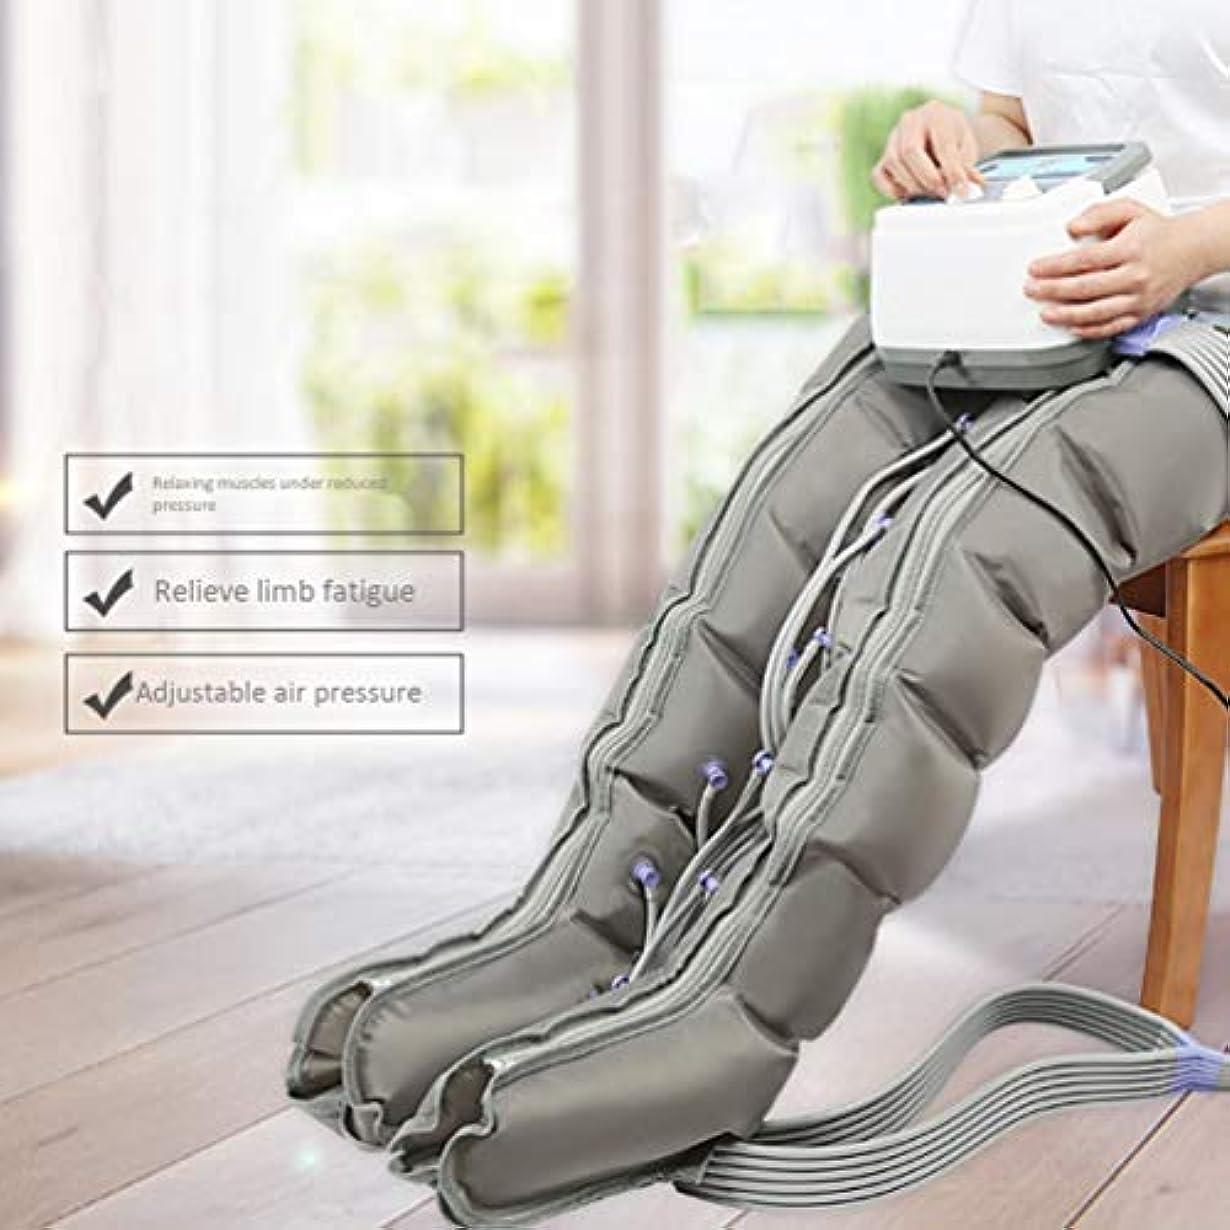 磁器残高講師空気圧縮脚マッサージ機足とふくらはぎの足の太もものマッサージでふくらはぎの循環ブースターは腫れや浮腫の痛みを助ける(6つのキャビティ)